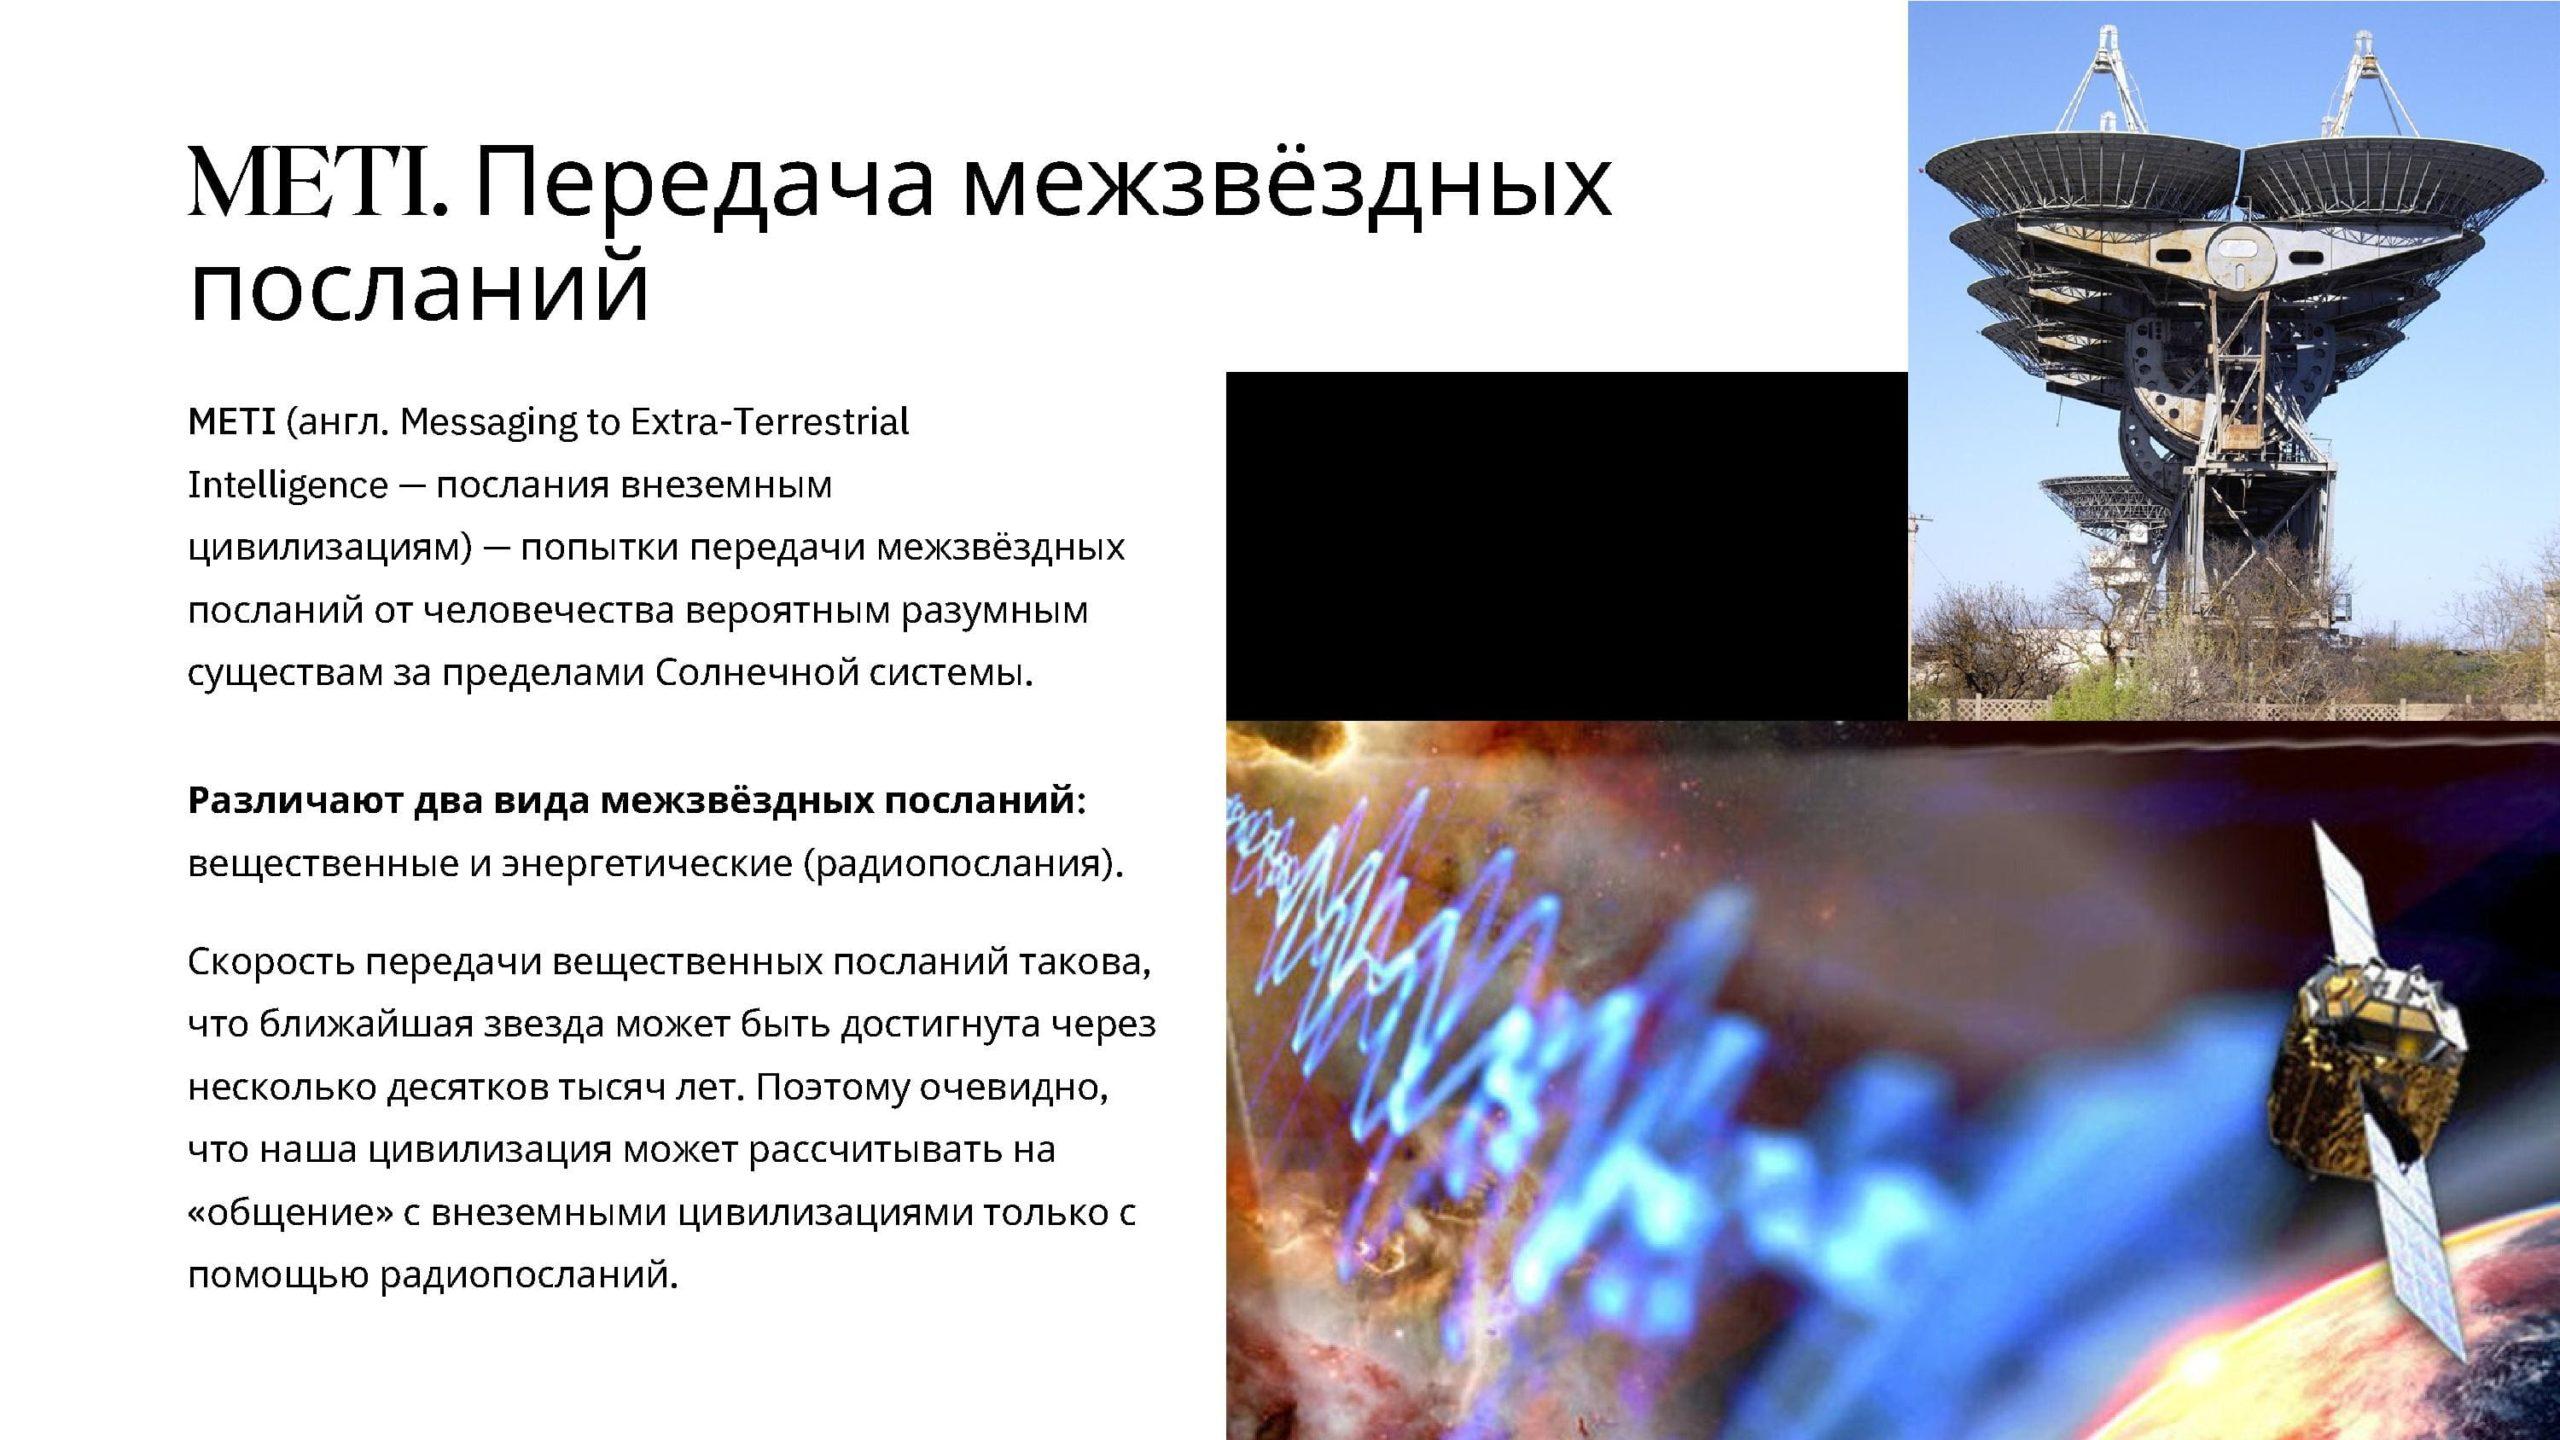 METI. Передача межзвёздных посланий